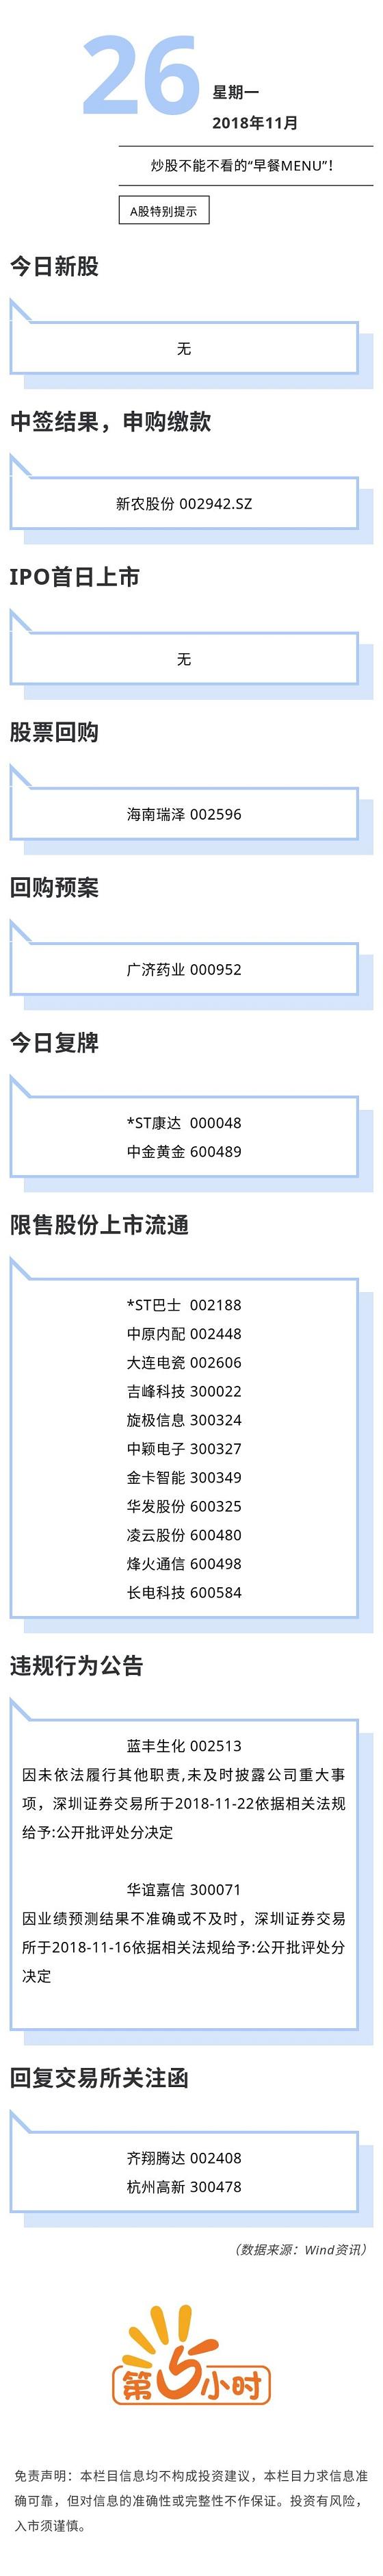 A股特别提示(2018-11-26).jpg